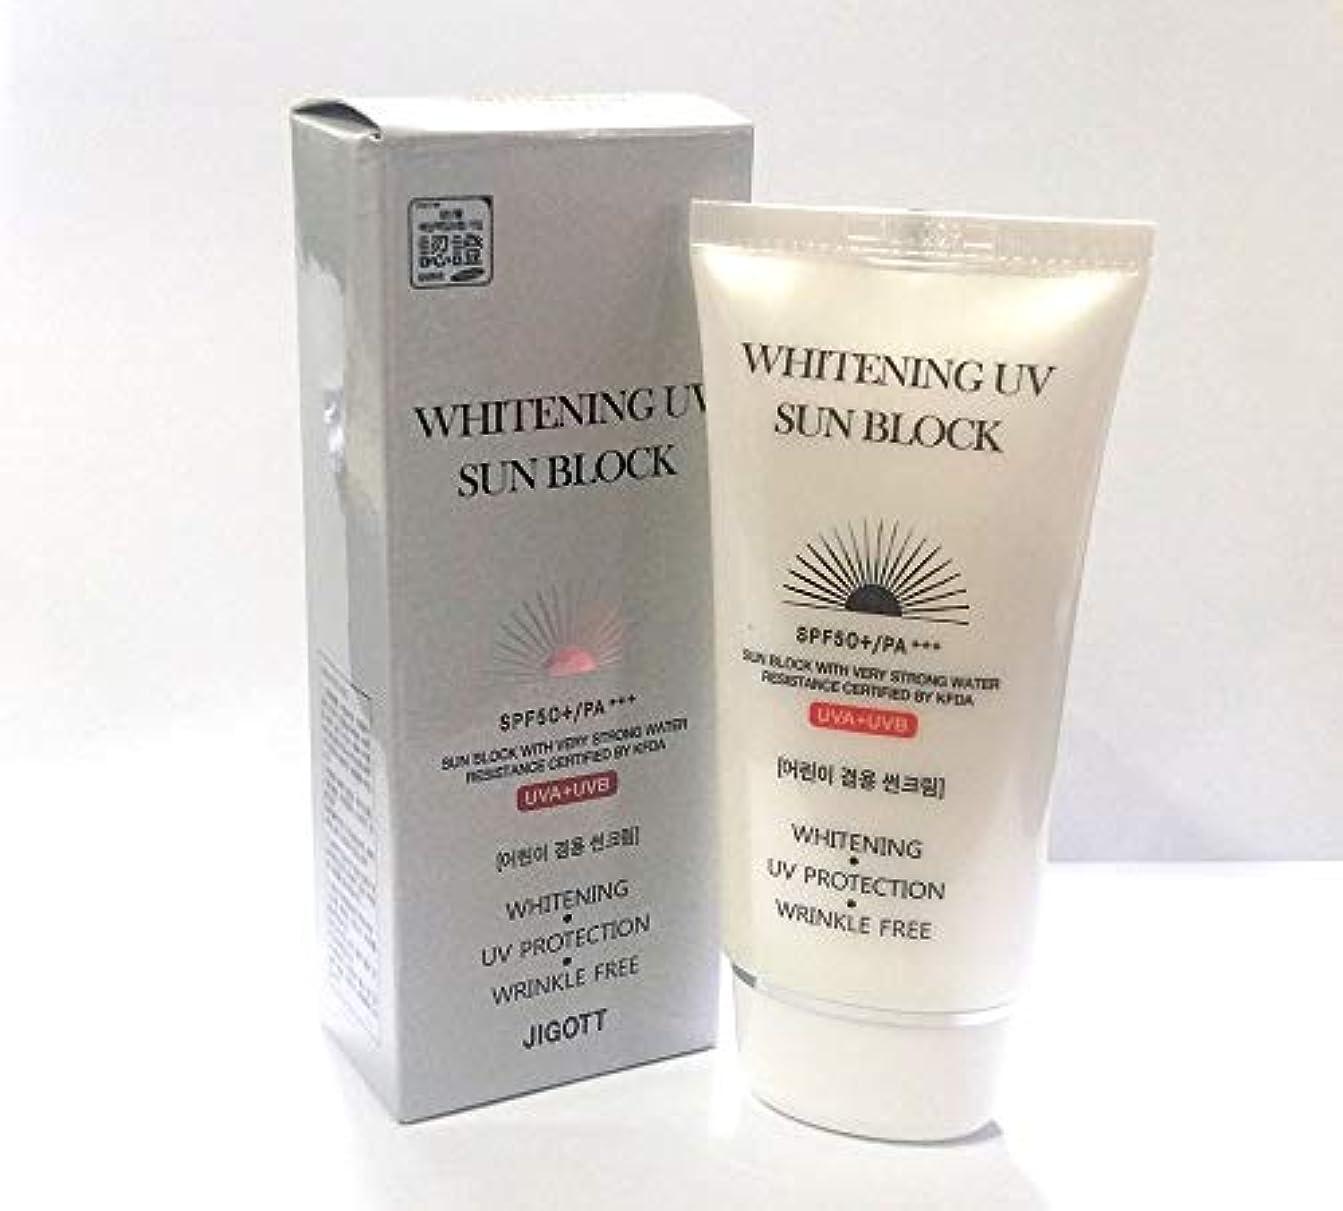 口径講堂むしろ[JIGOTT] ホワイトニングUVプロテクトサンブロッククリームSPF50 + PA +++ / Whitening UV Protection Sun Block Cream SPF50+ PA +++ / 韓国化粧品...